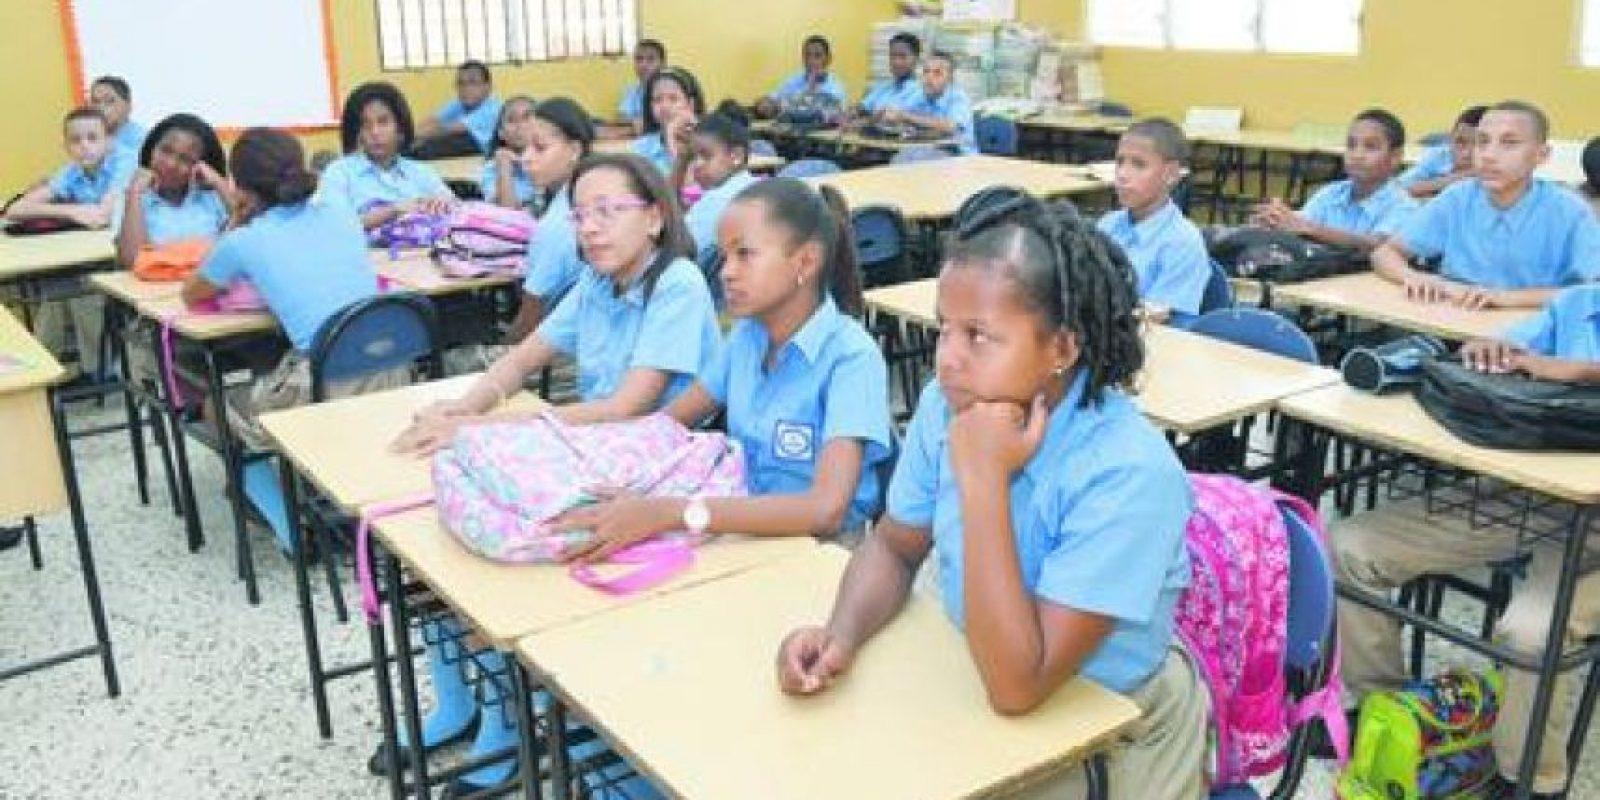 El Gobierno proyecta llevar todos los estudiantes de escuelas públicas a tanta extendida. Foto:Mario de peña